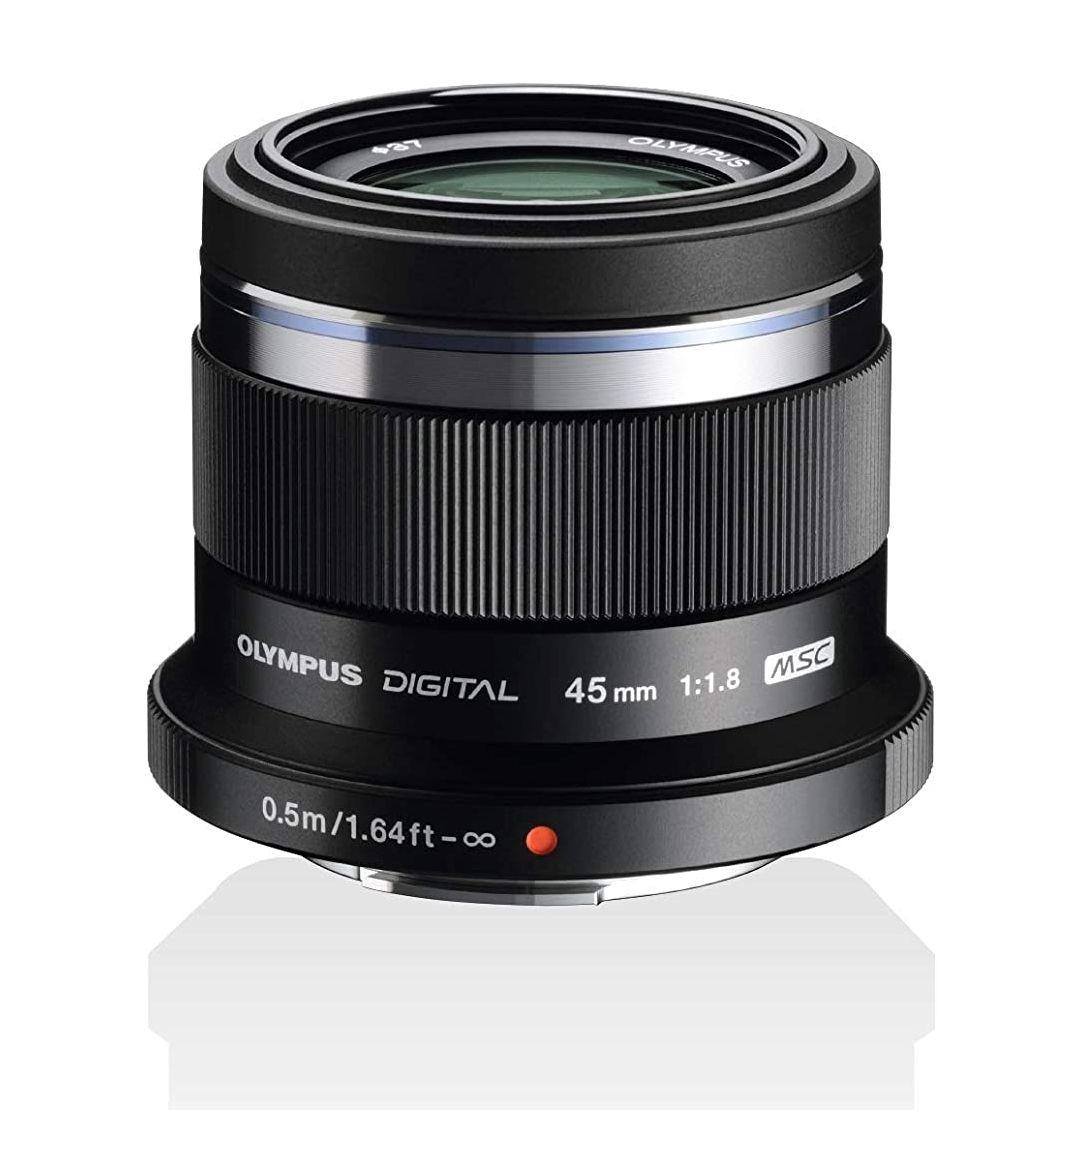 Olympus M.Zuiko Digital 45mm F1.8 Objektiv, lichtstarke Festbrennweite, geeignet für alle MFT